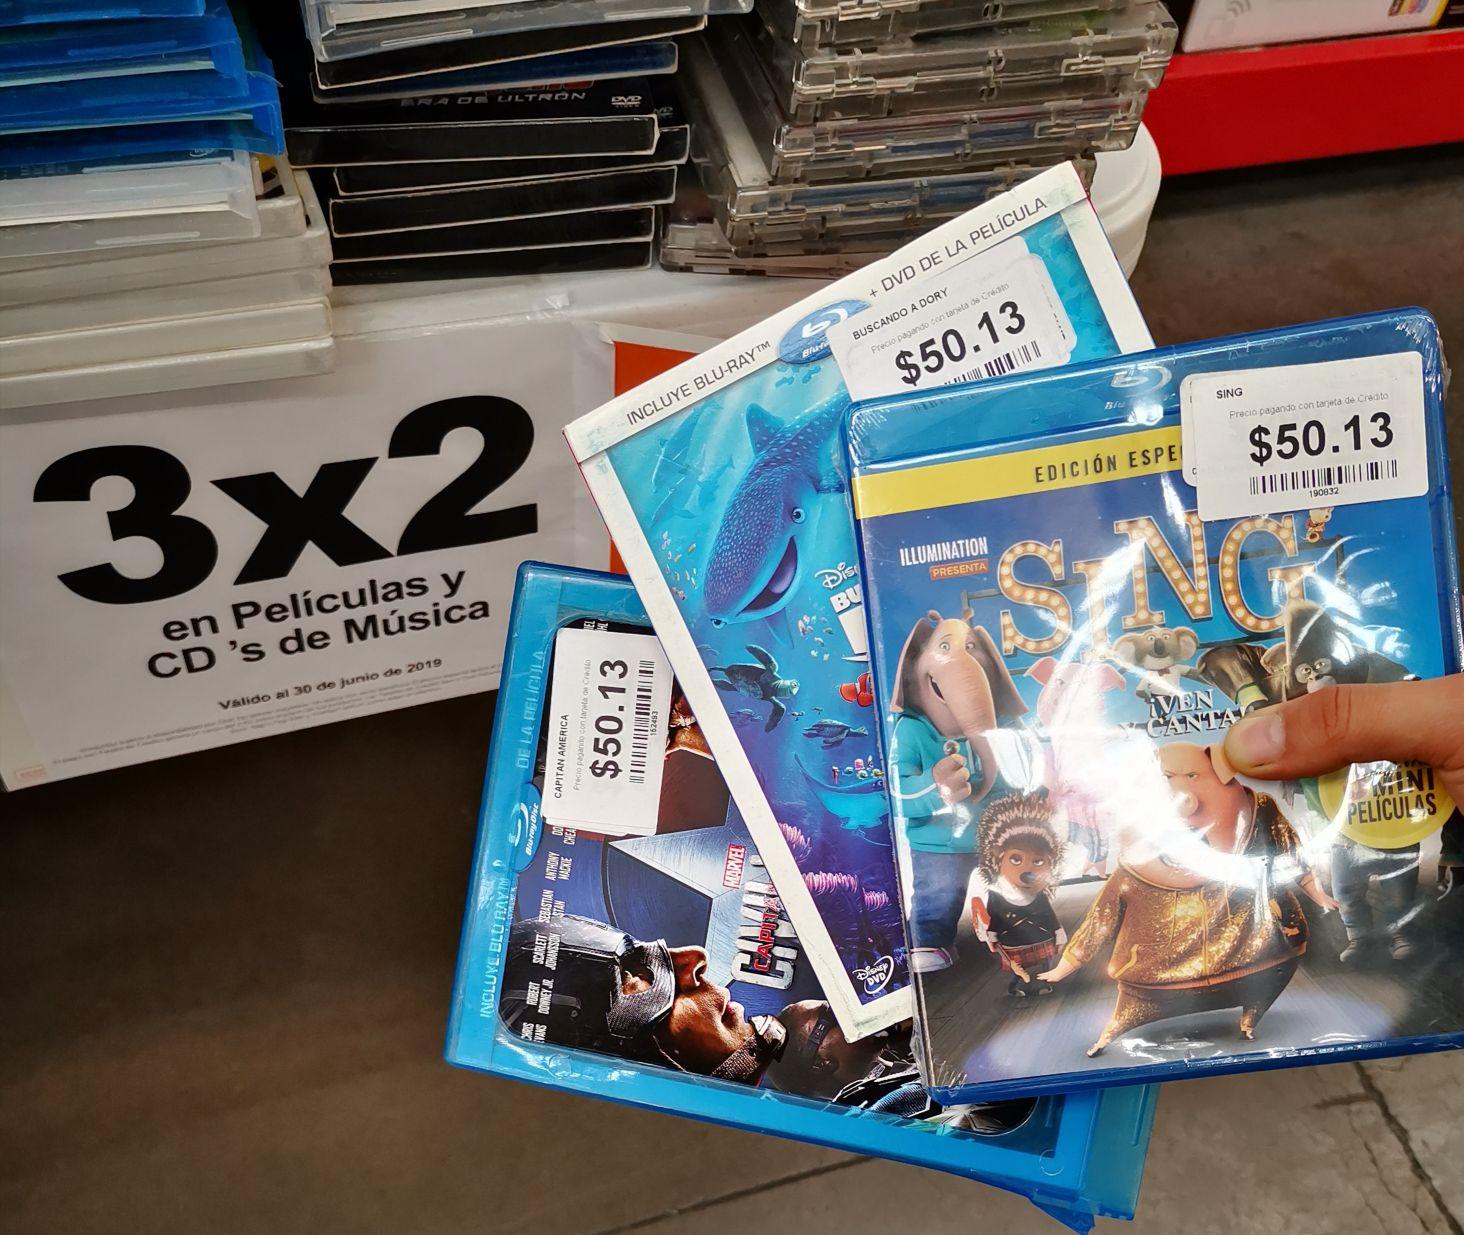 Películas en Blu-ray desde 50 y 3x2